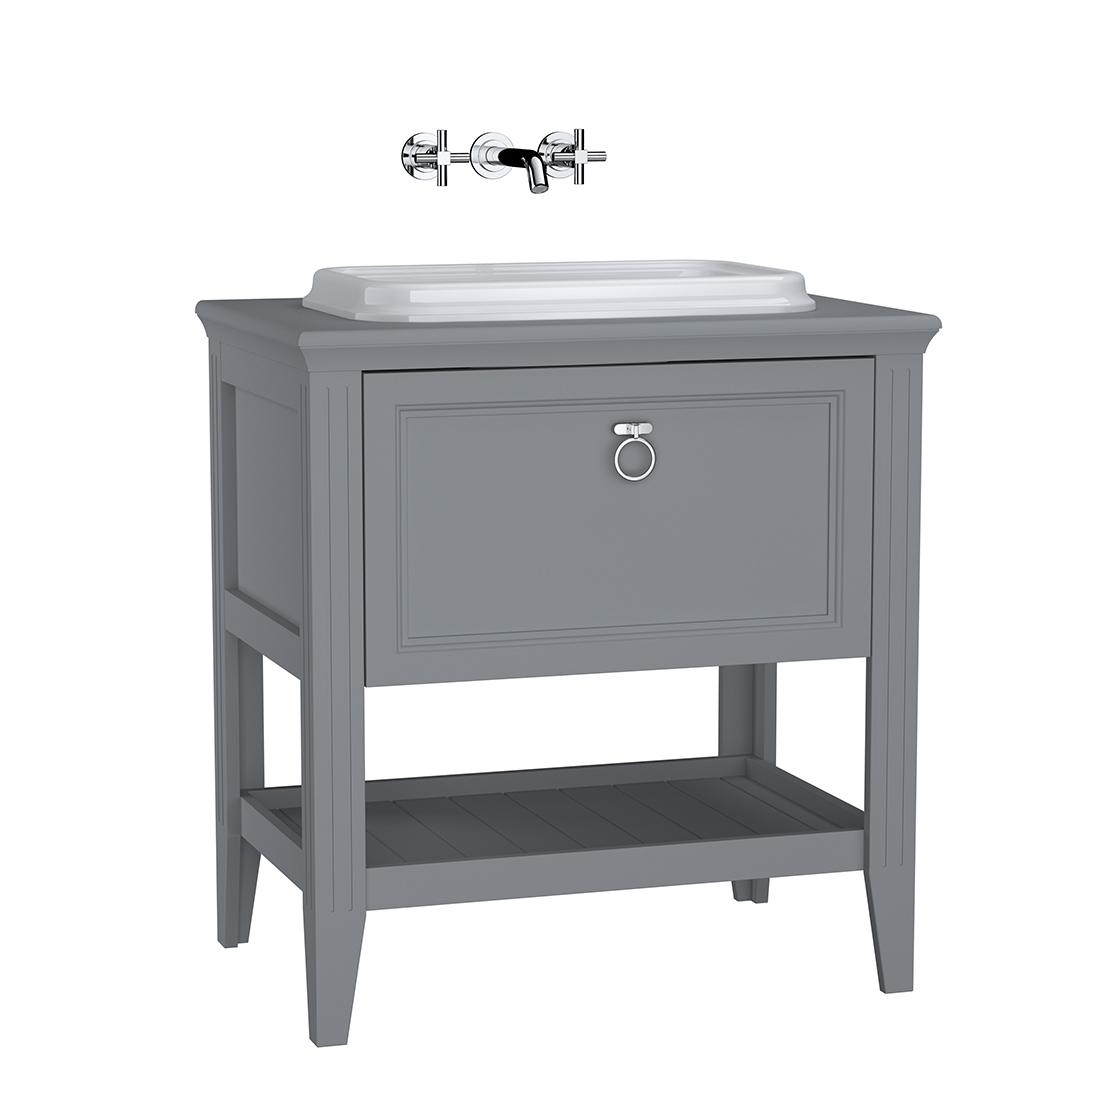 Valarte meuble sous vasque encastrée, 80 cm, avec tiroir, gris mat